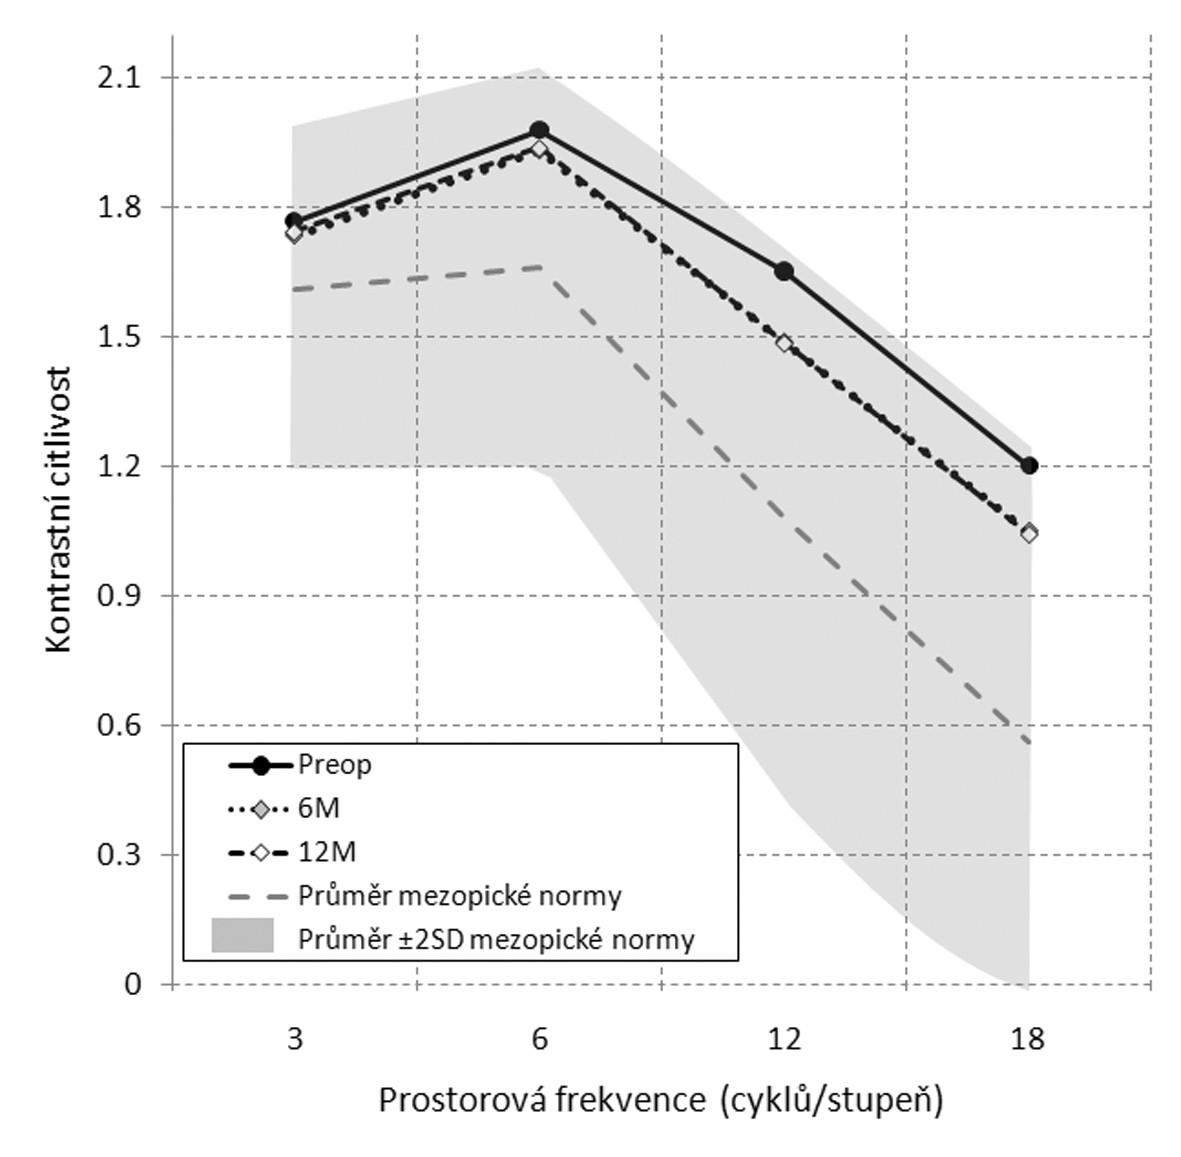 Kontrastní citlivost 1 a 3 měsíce po LASIKu